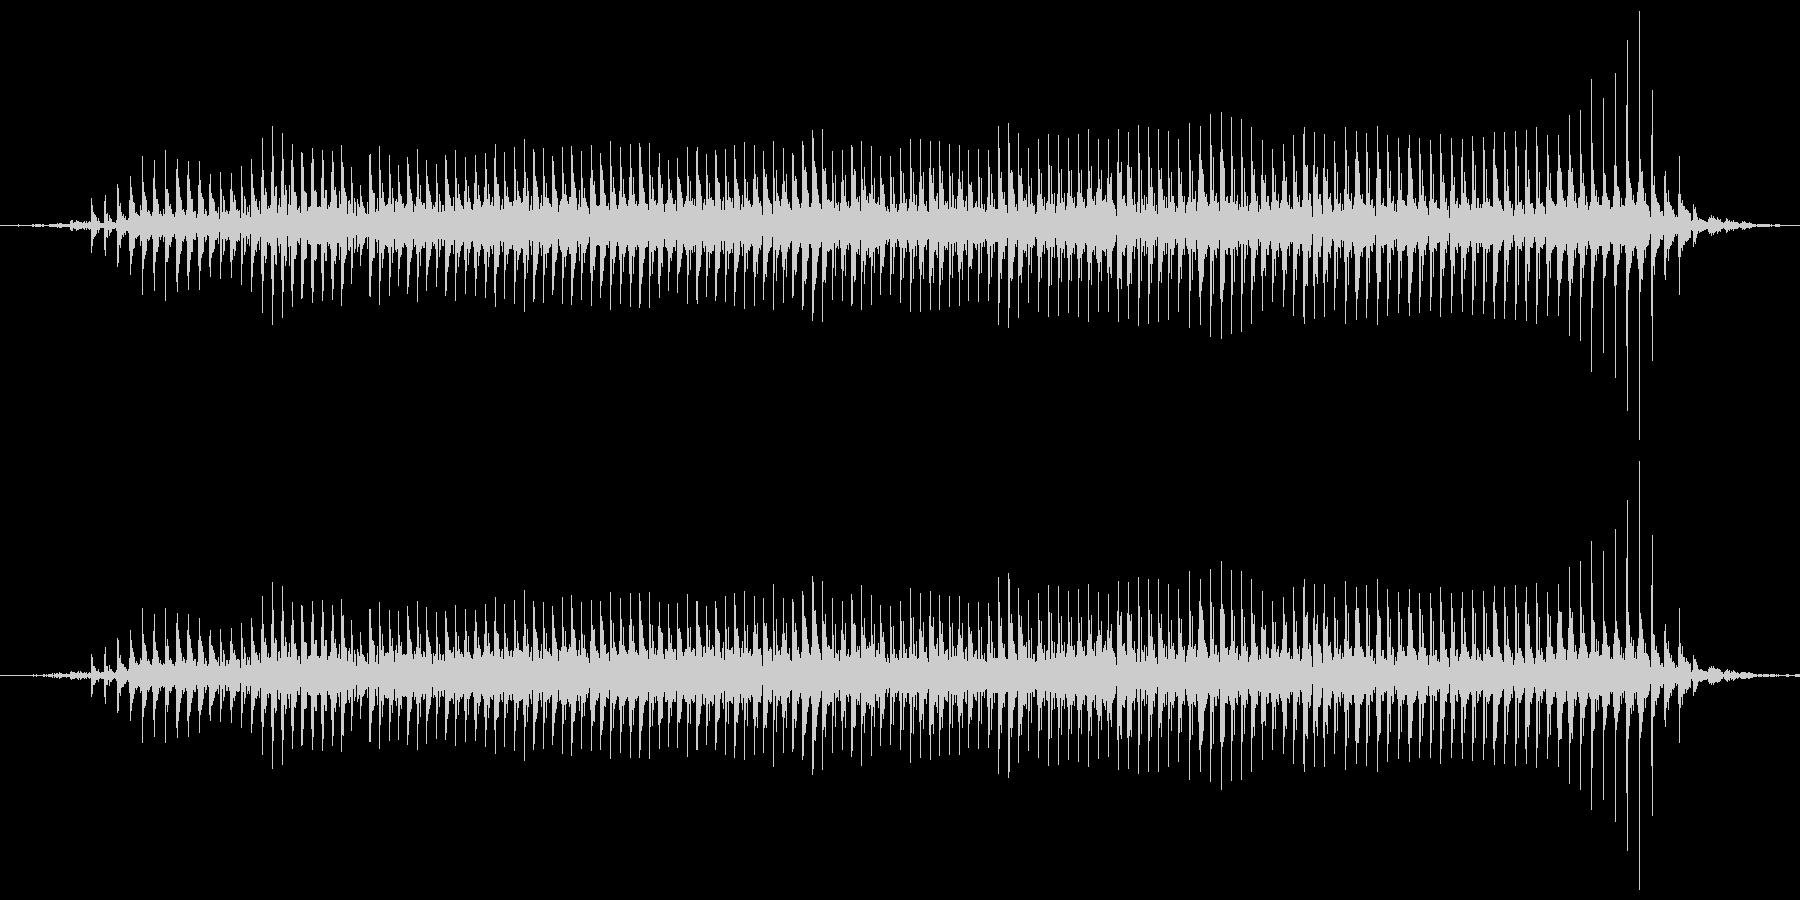 ヒツジの鳴き声(メェー)の未再生の波形